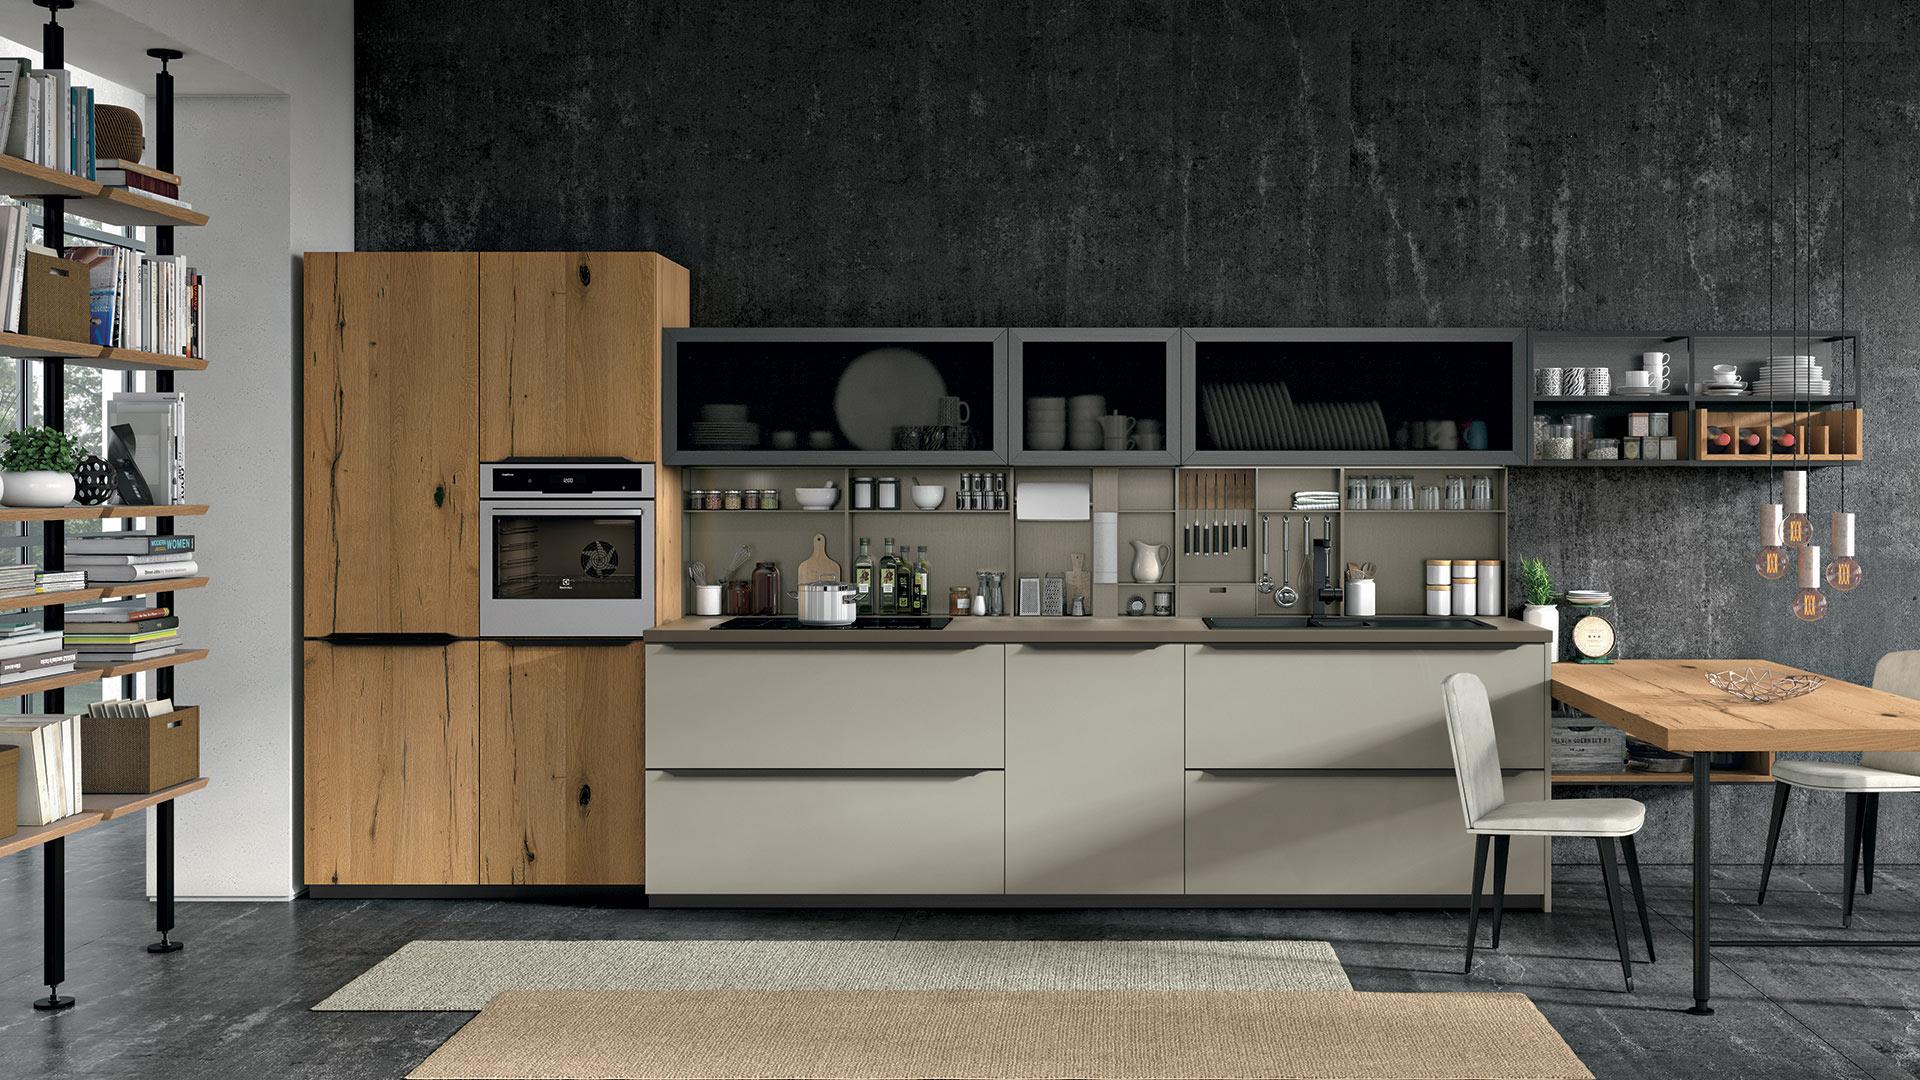 moderná kuchyňa OLTRE od LUBE - dvierka v prevedení dubová dýha, matný lak a sklo